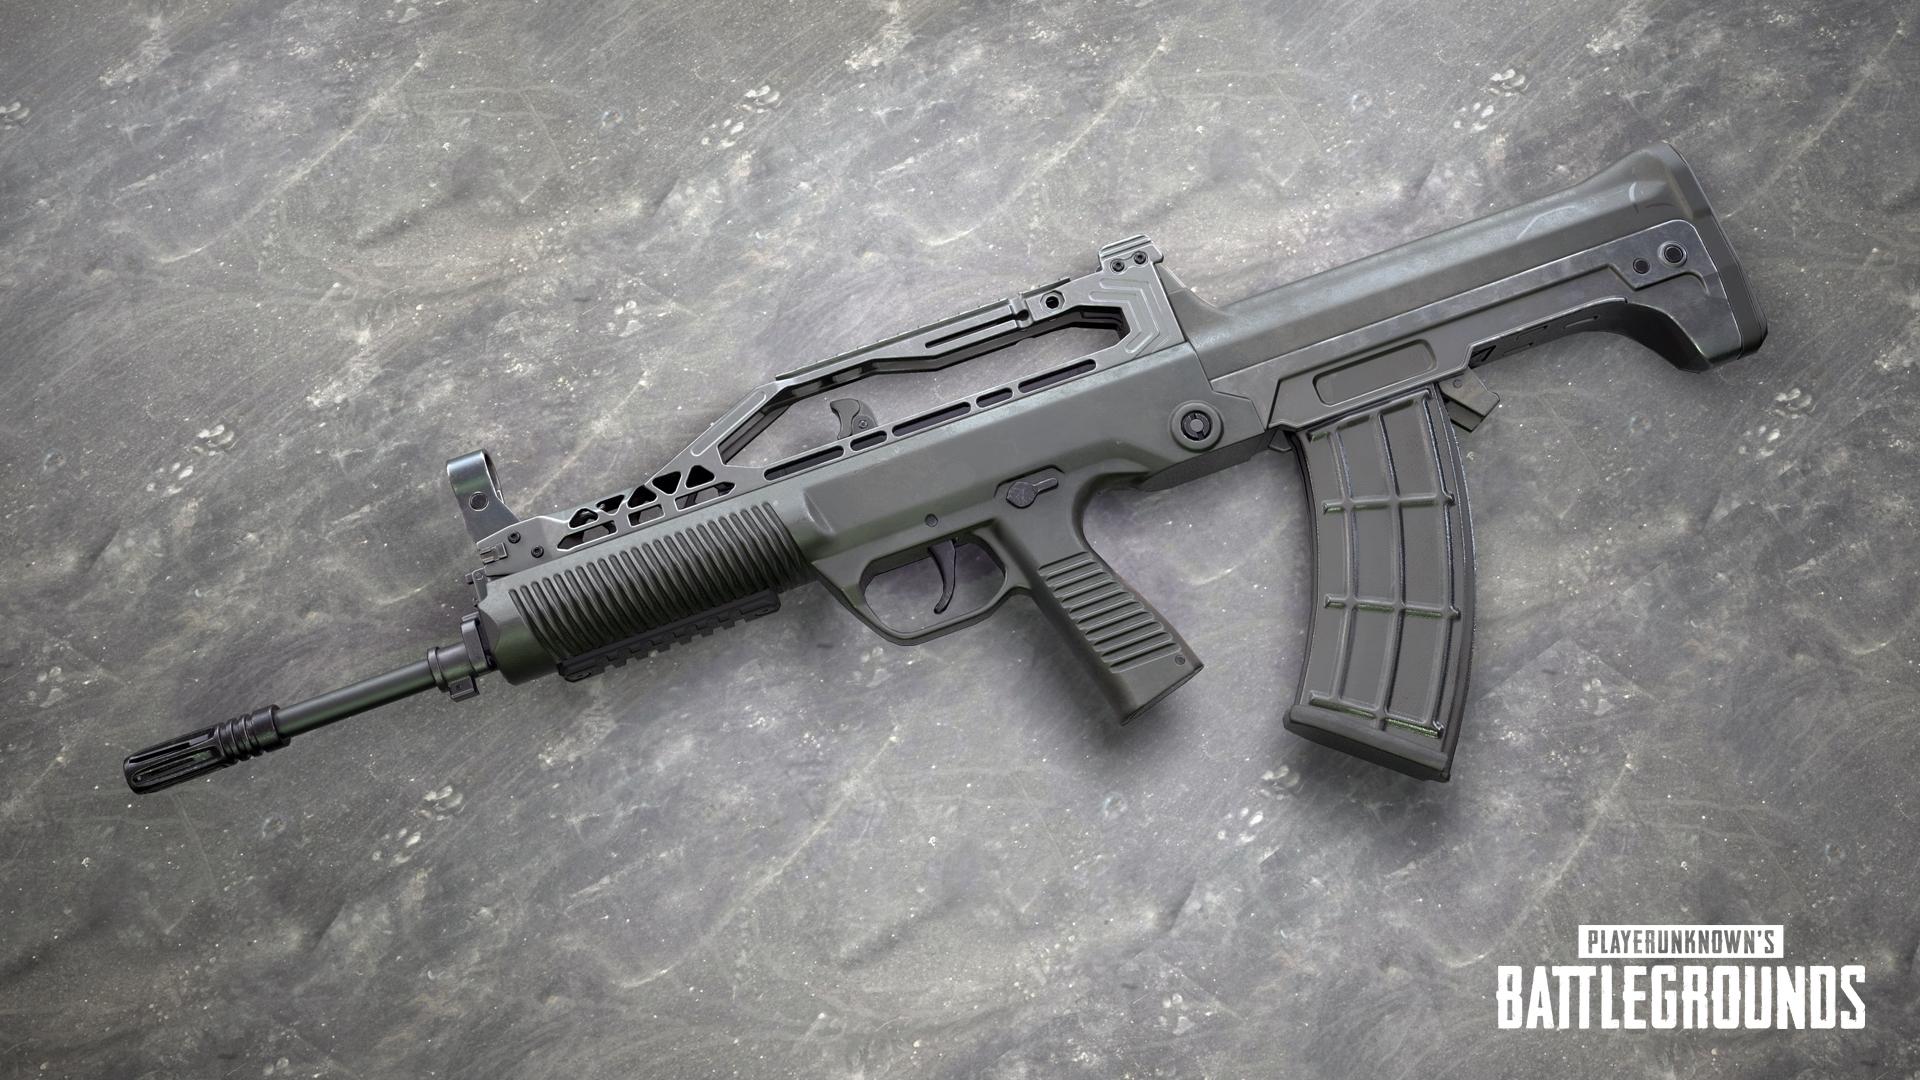 Sanhok y el rifle QBZ95 llegan a PUBG el 22 de junio